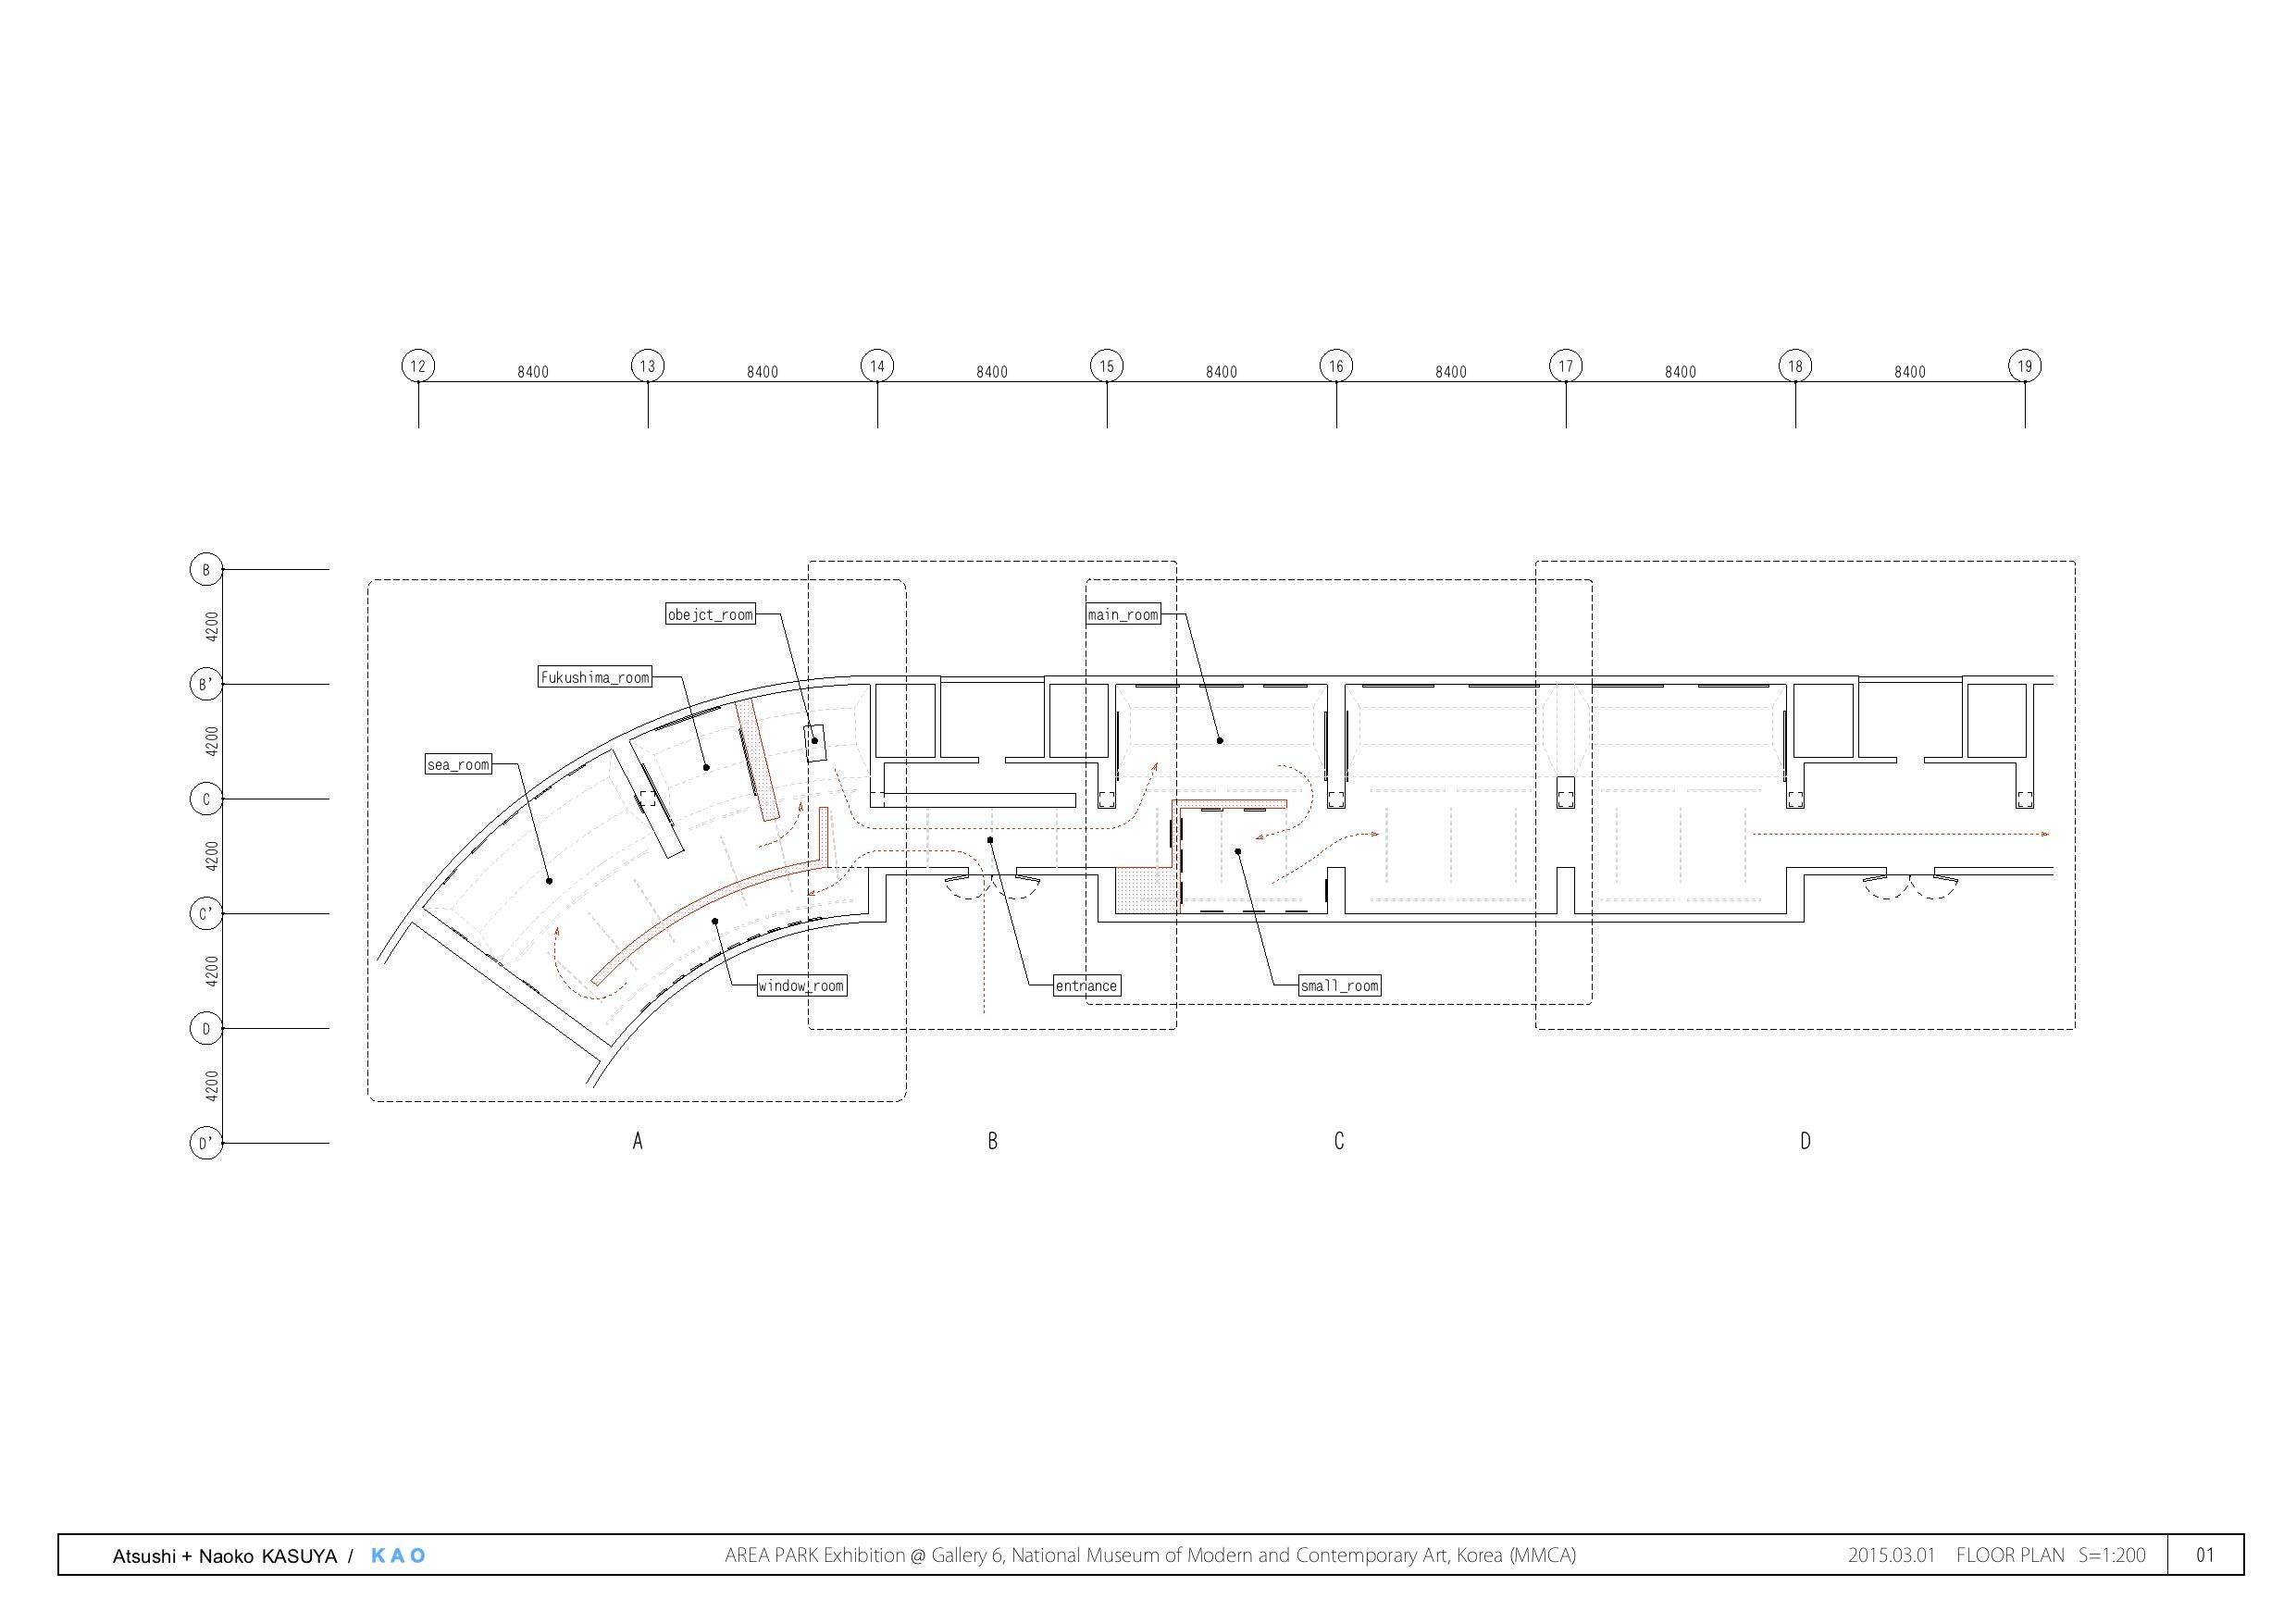 150301韓国_国立現代美術館展示構成_プレゼン資料(データサイズ縮小版)(ドラッグされました).jpg